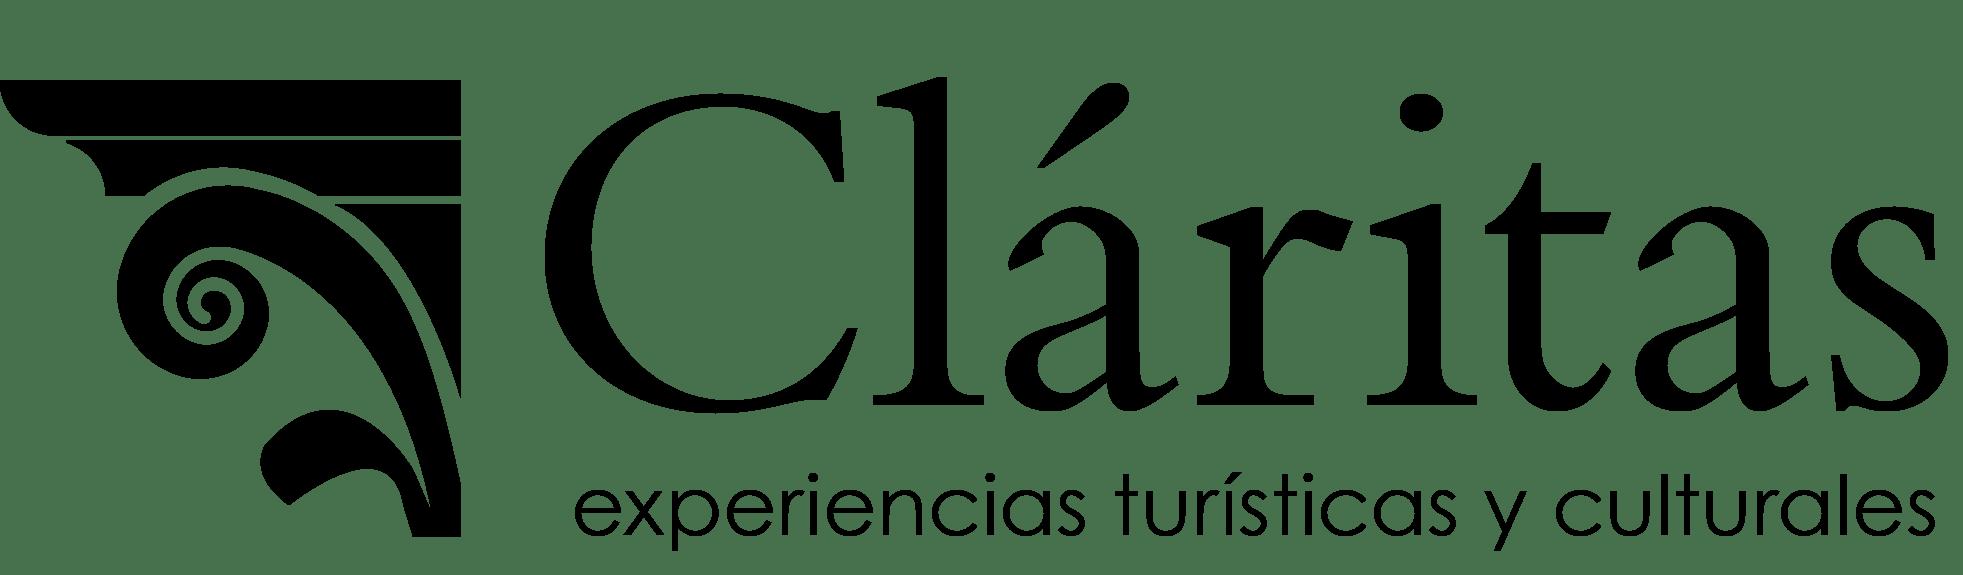 Guías turísticos de Jaén